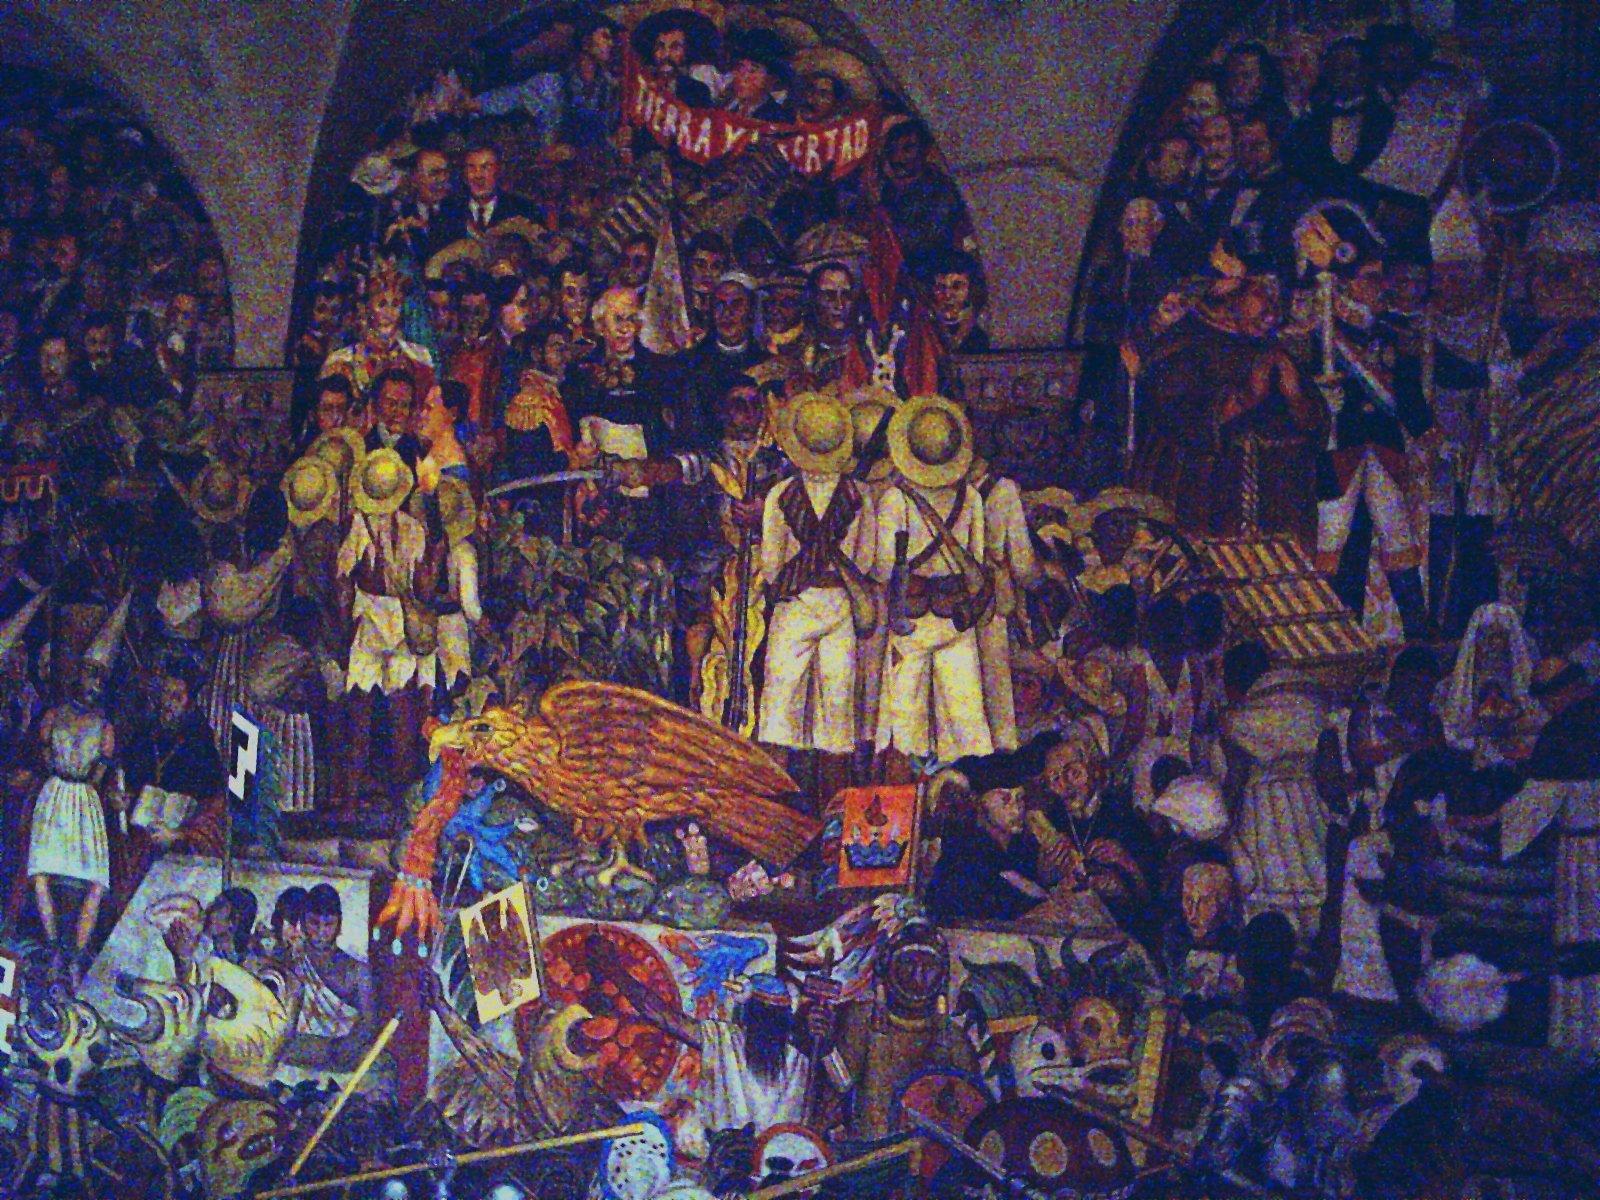 File mural diego wikipedia for Diego rivera la conquista mural